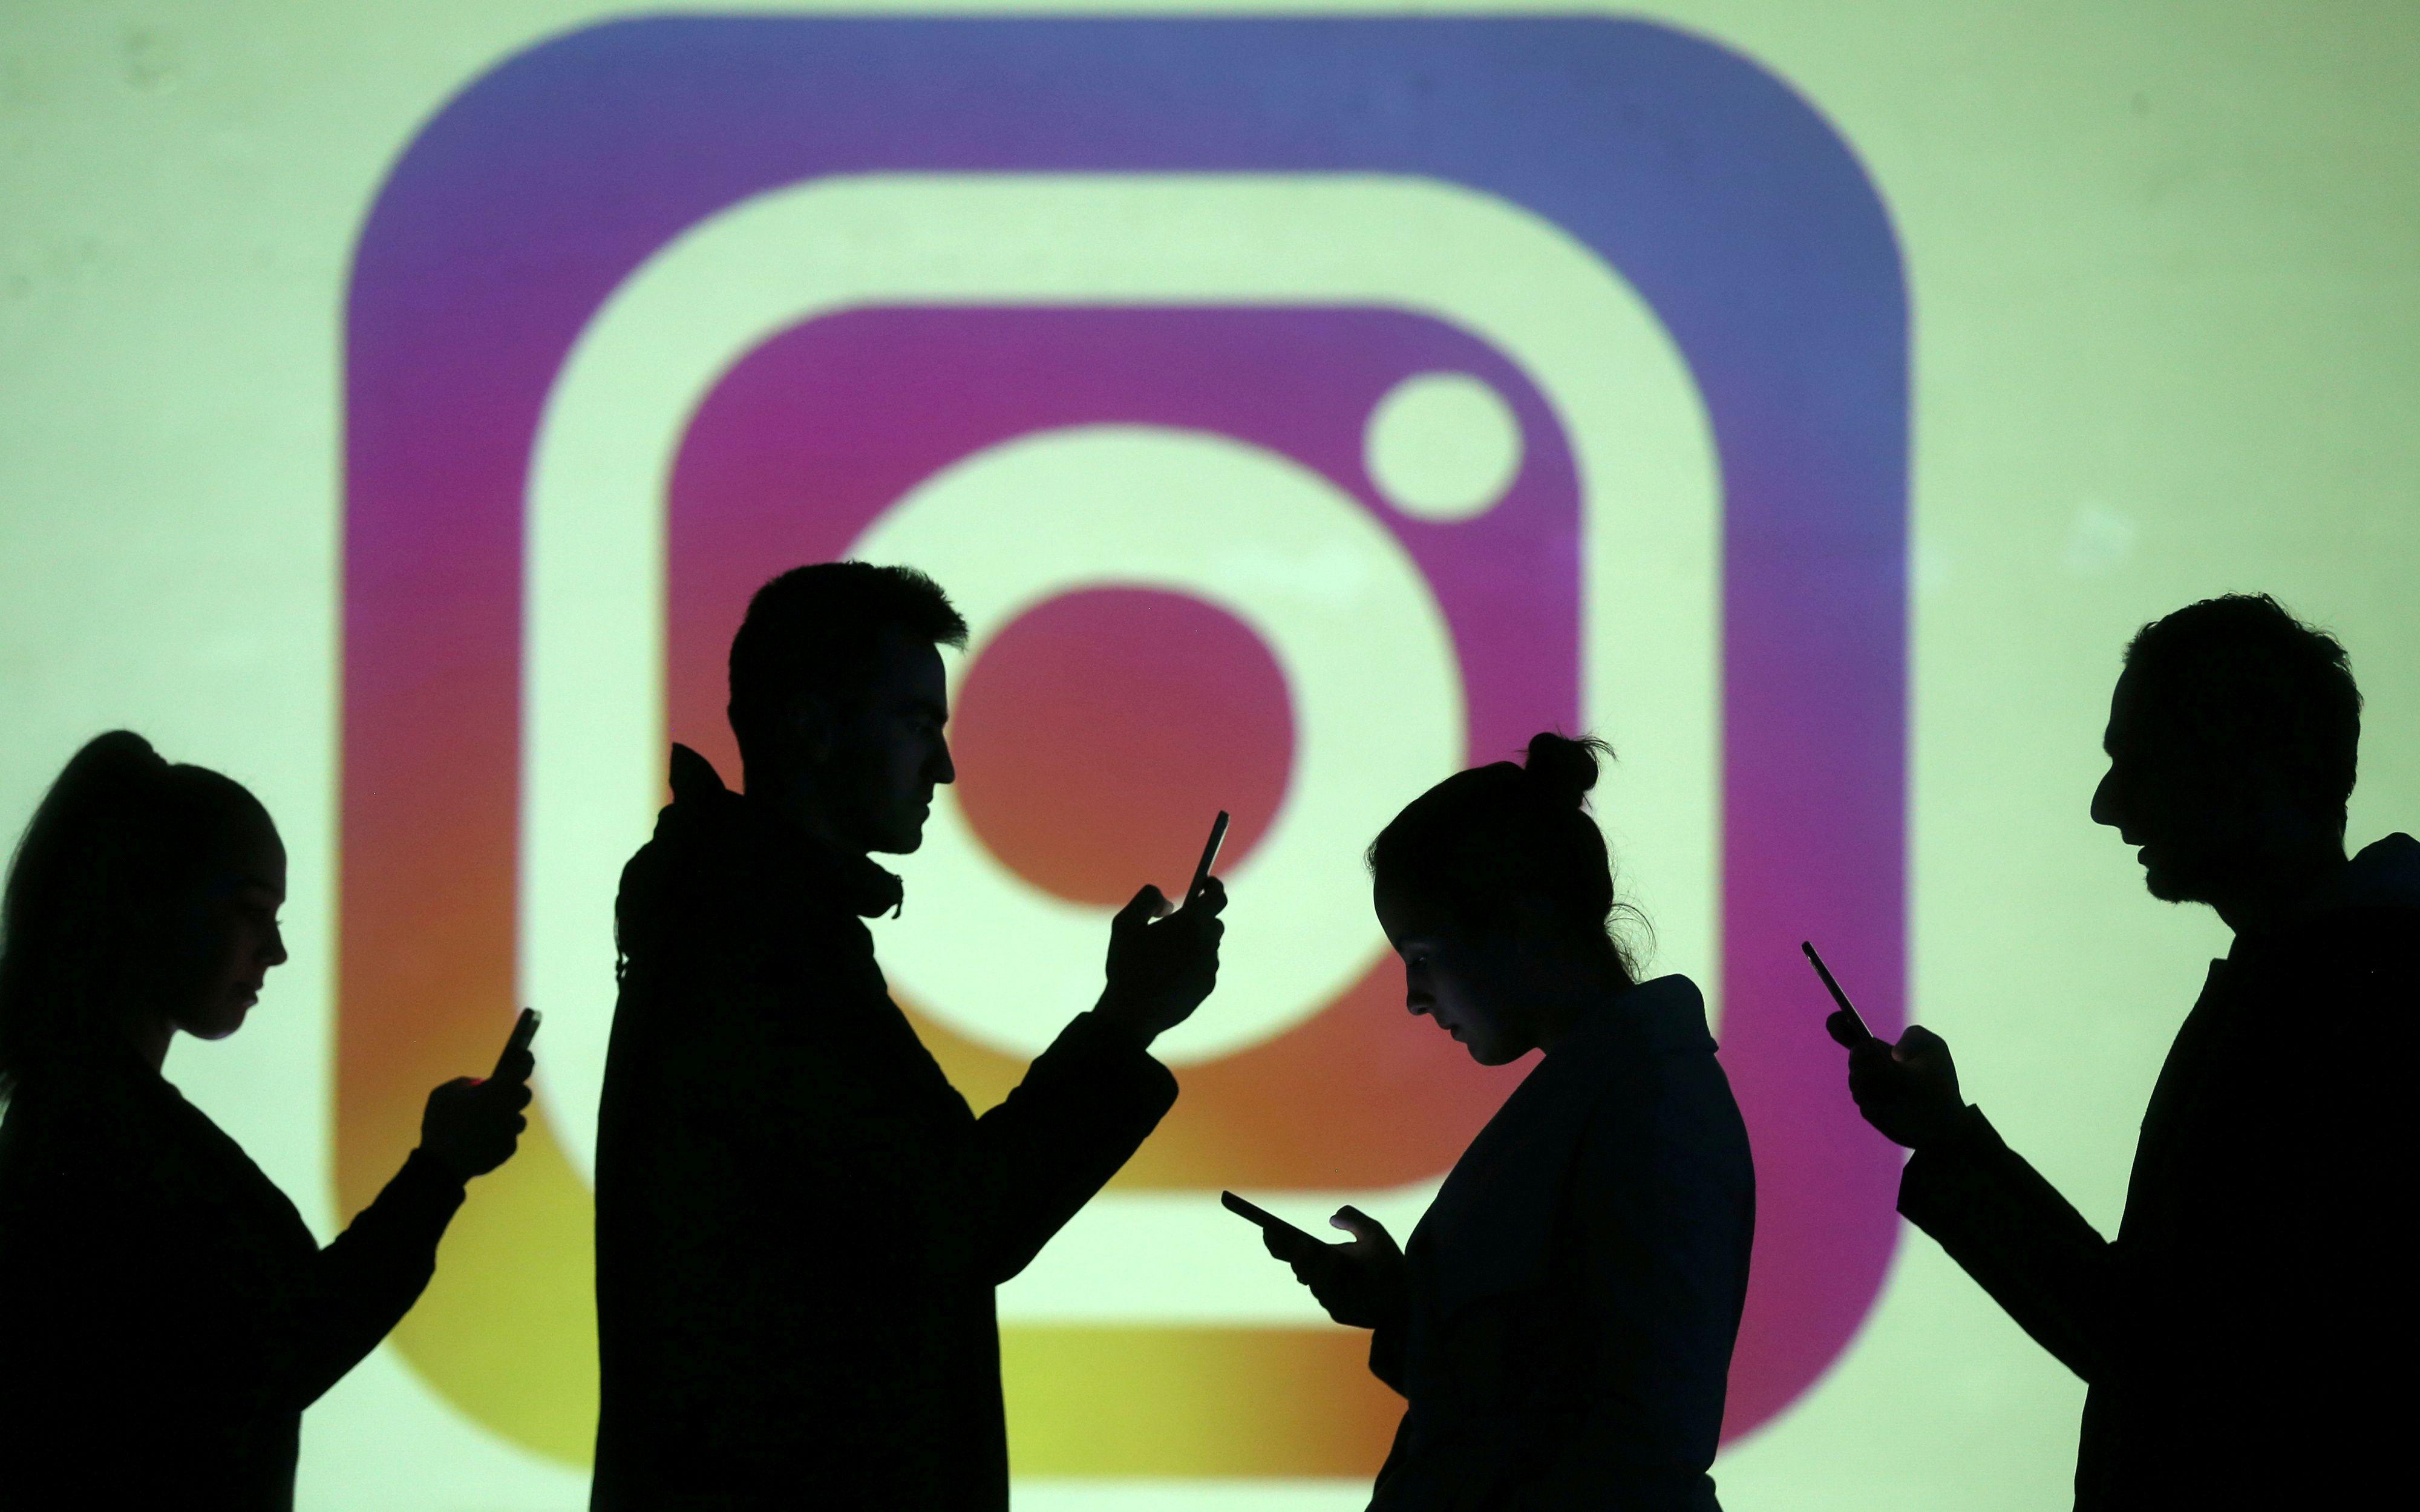 Se detecó una falla de seguridad en Instagram que ya fue corregida (Foto: Reuters)